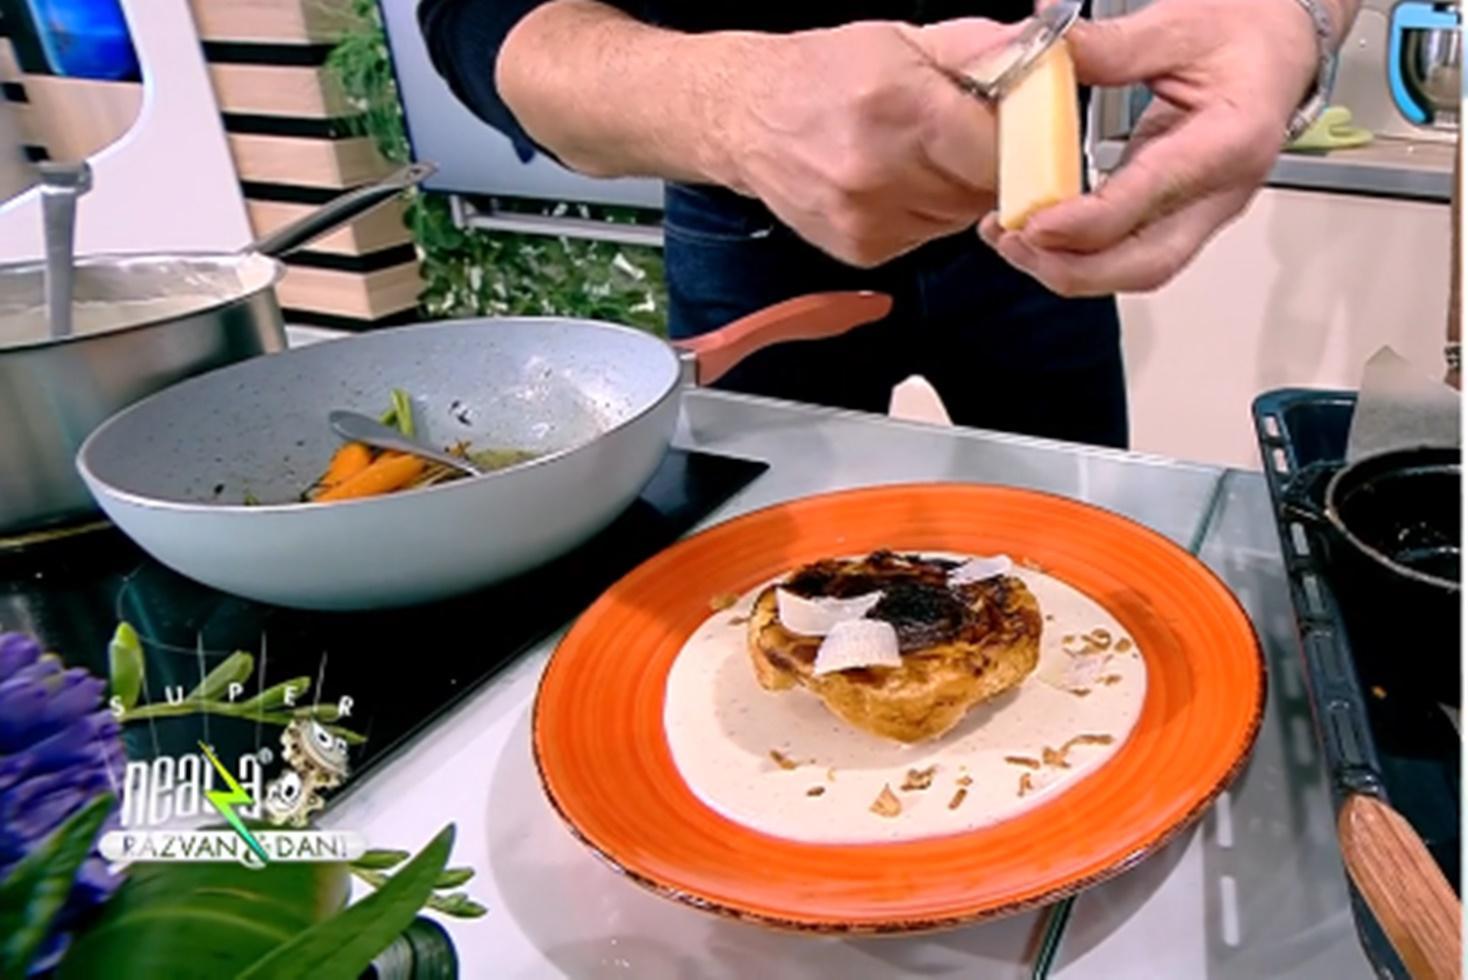 Rețetă de ceapă confiată în aluat foietaj cu sos de parmezan, preparată de Chef Nicolai Tand la Neatza cu Răzvan și Dani